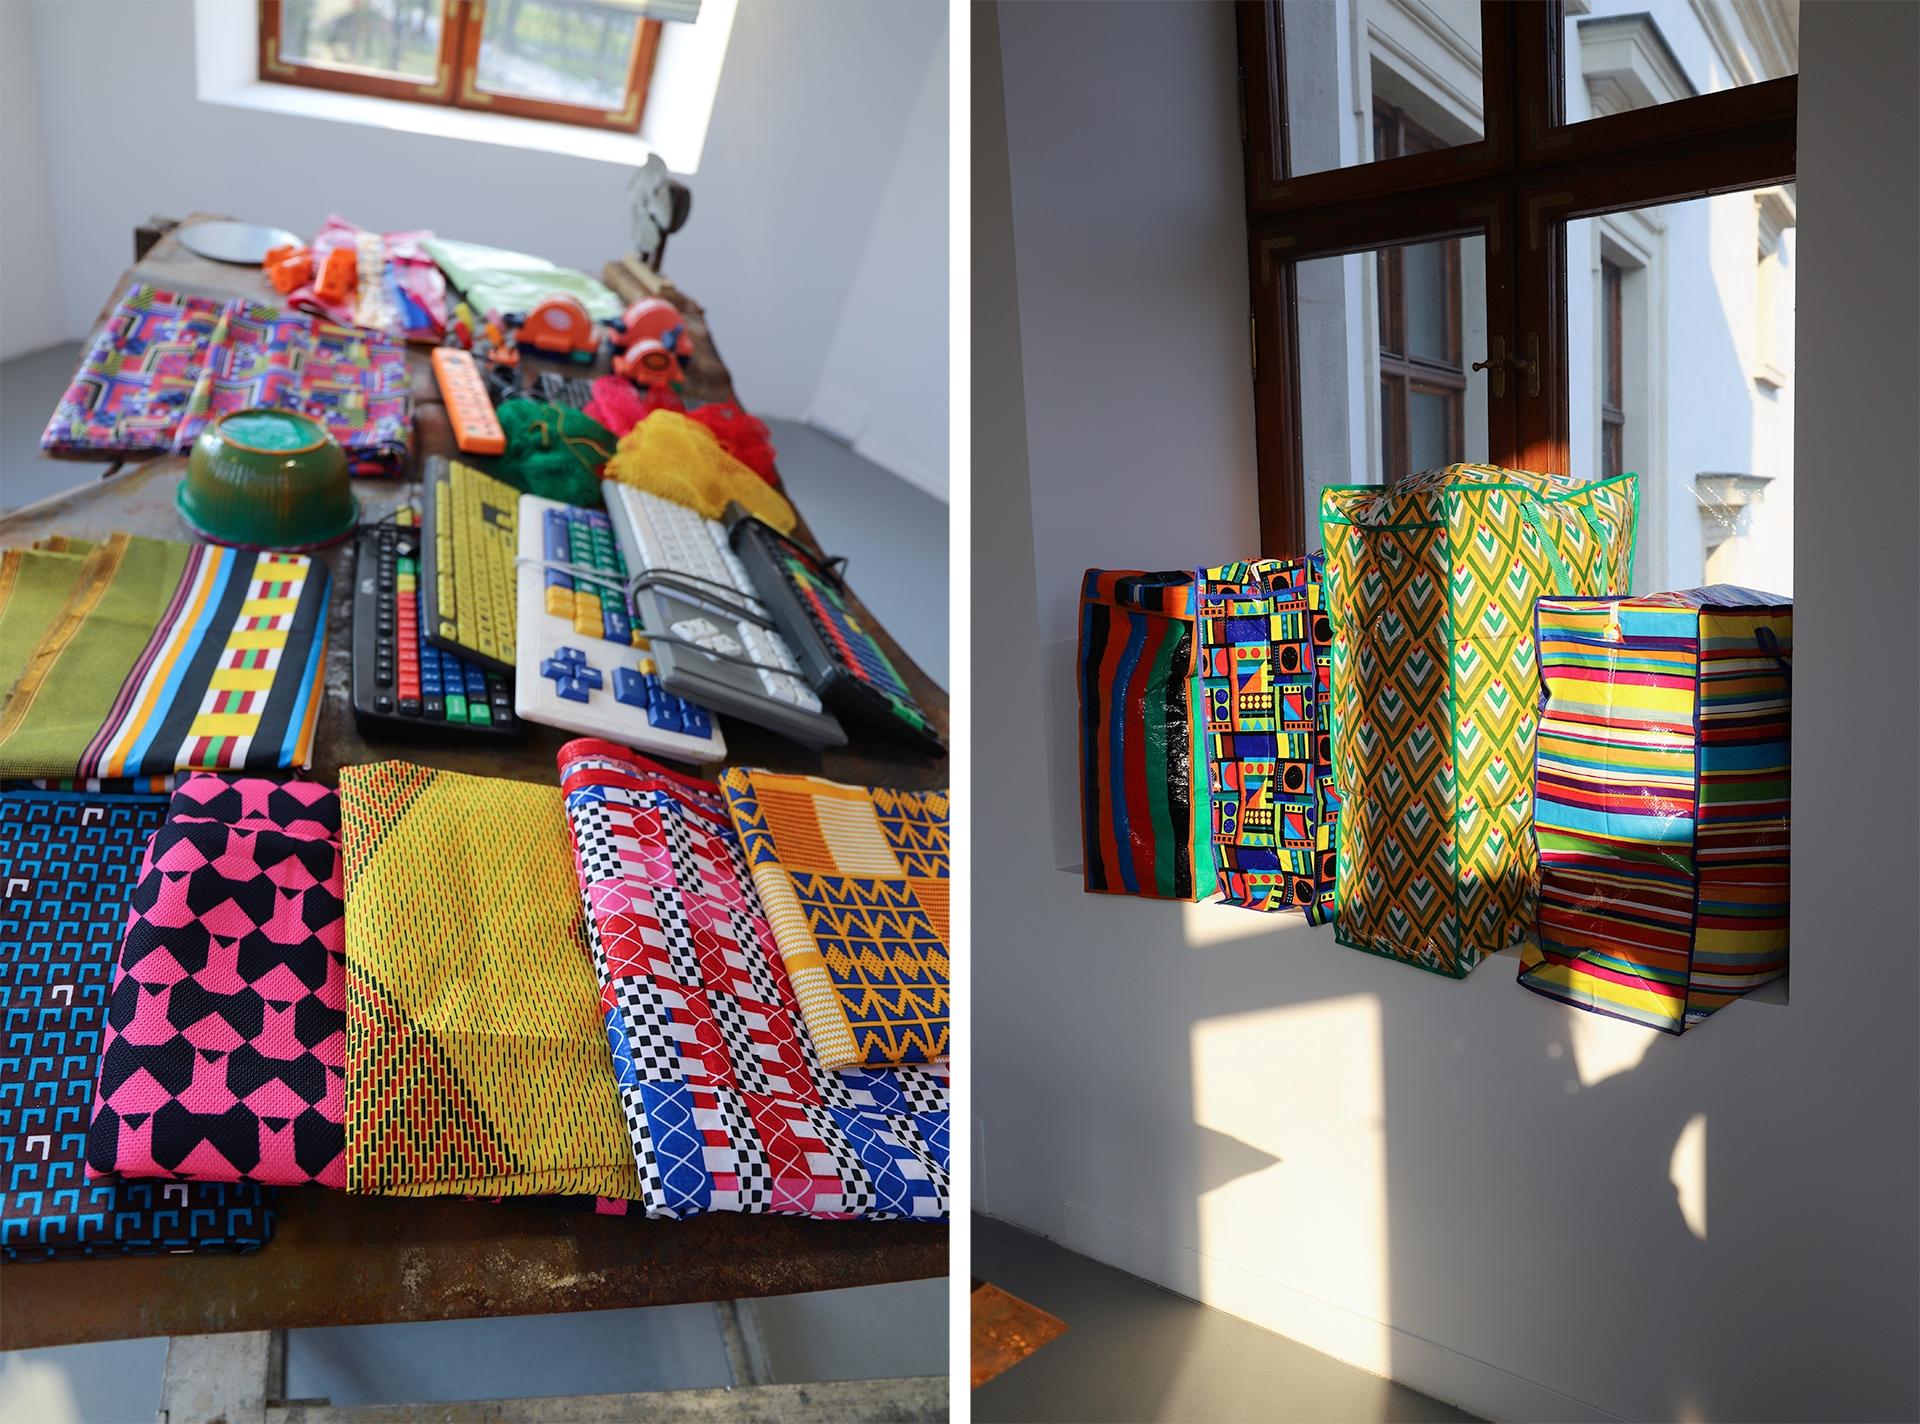 Obraz przedstawia dwa zdjęcia kolorowych przedmiotów leżących na stole lub na parapecie okna.